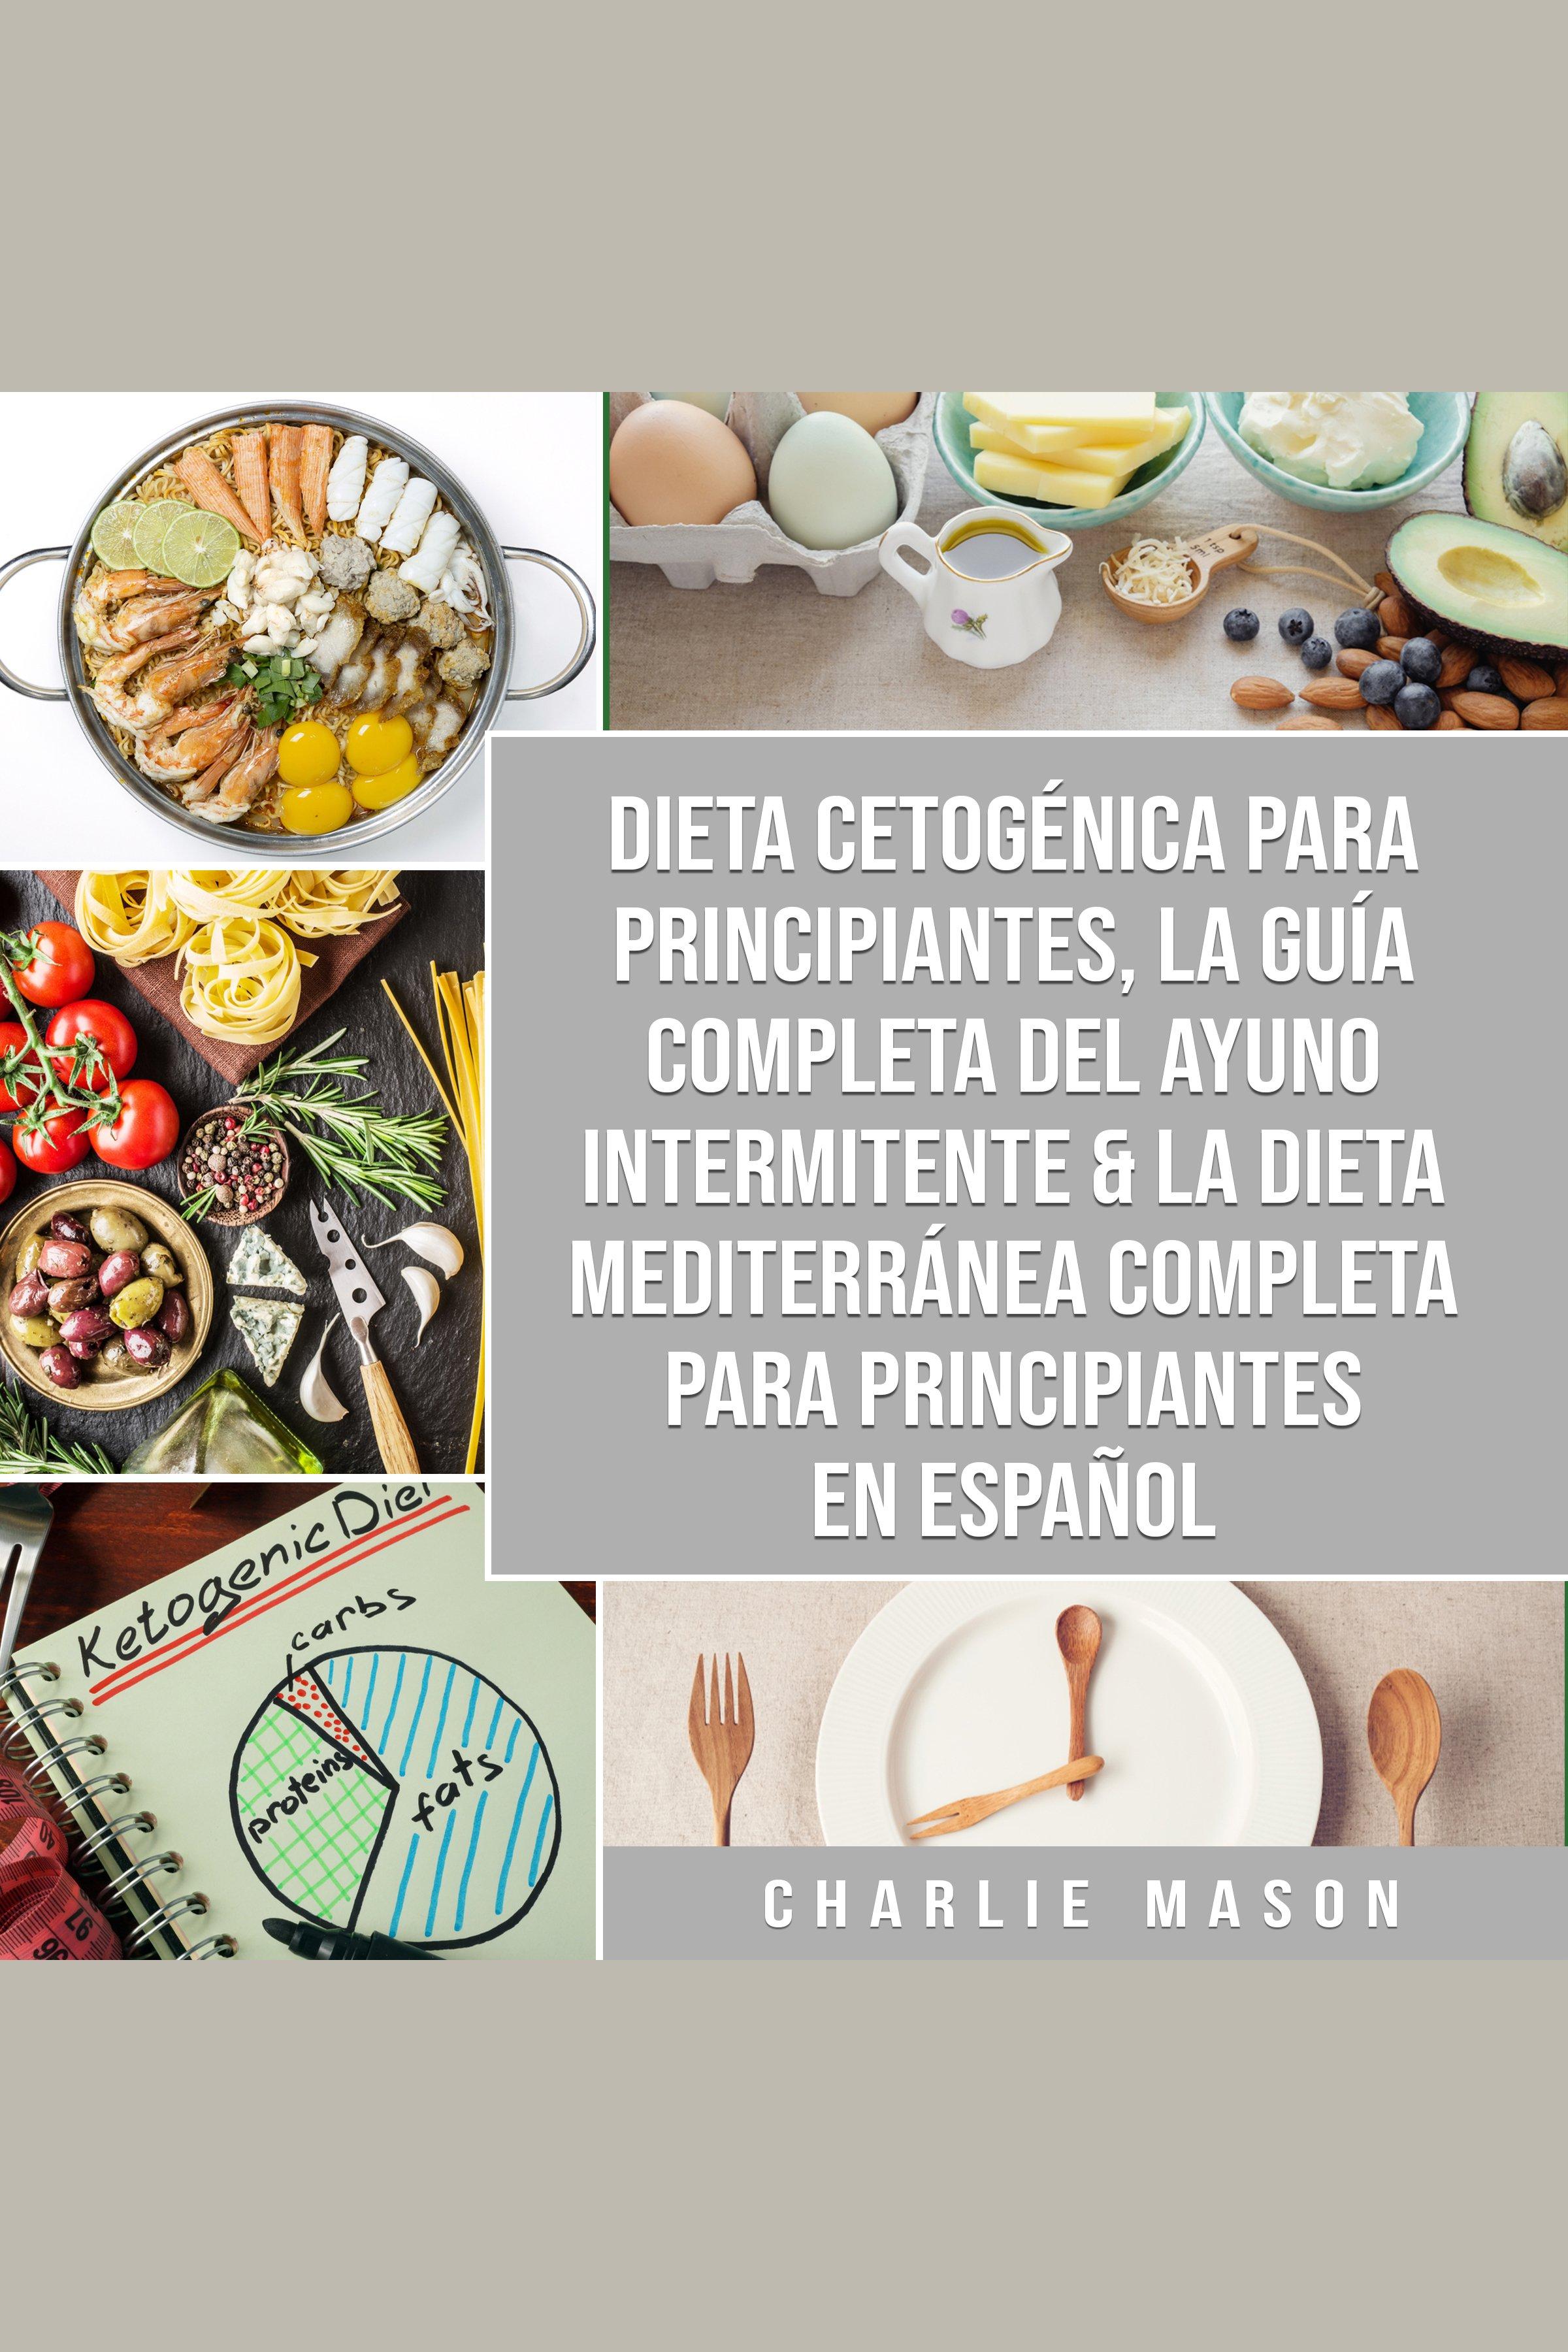 Esta es la portada del audiolibro Dieta cetogénica para principiantes, La guía completa del ayuno intermitente & La Dieta Mediterránea Completa para Principiantes En Español